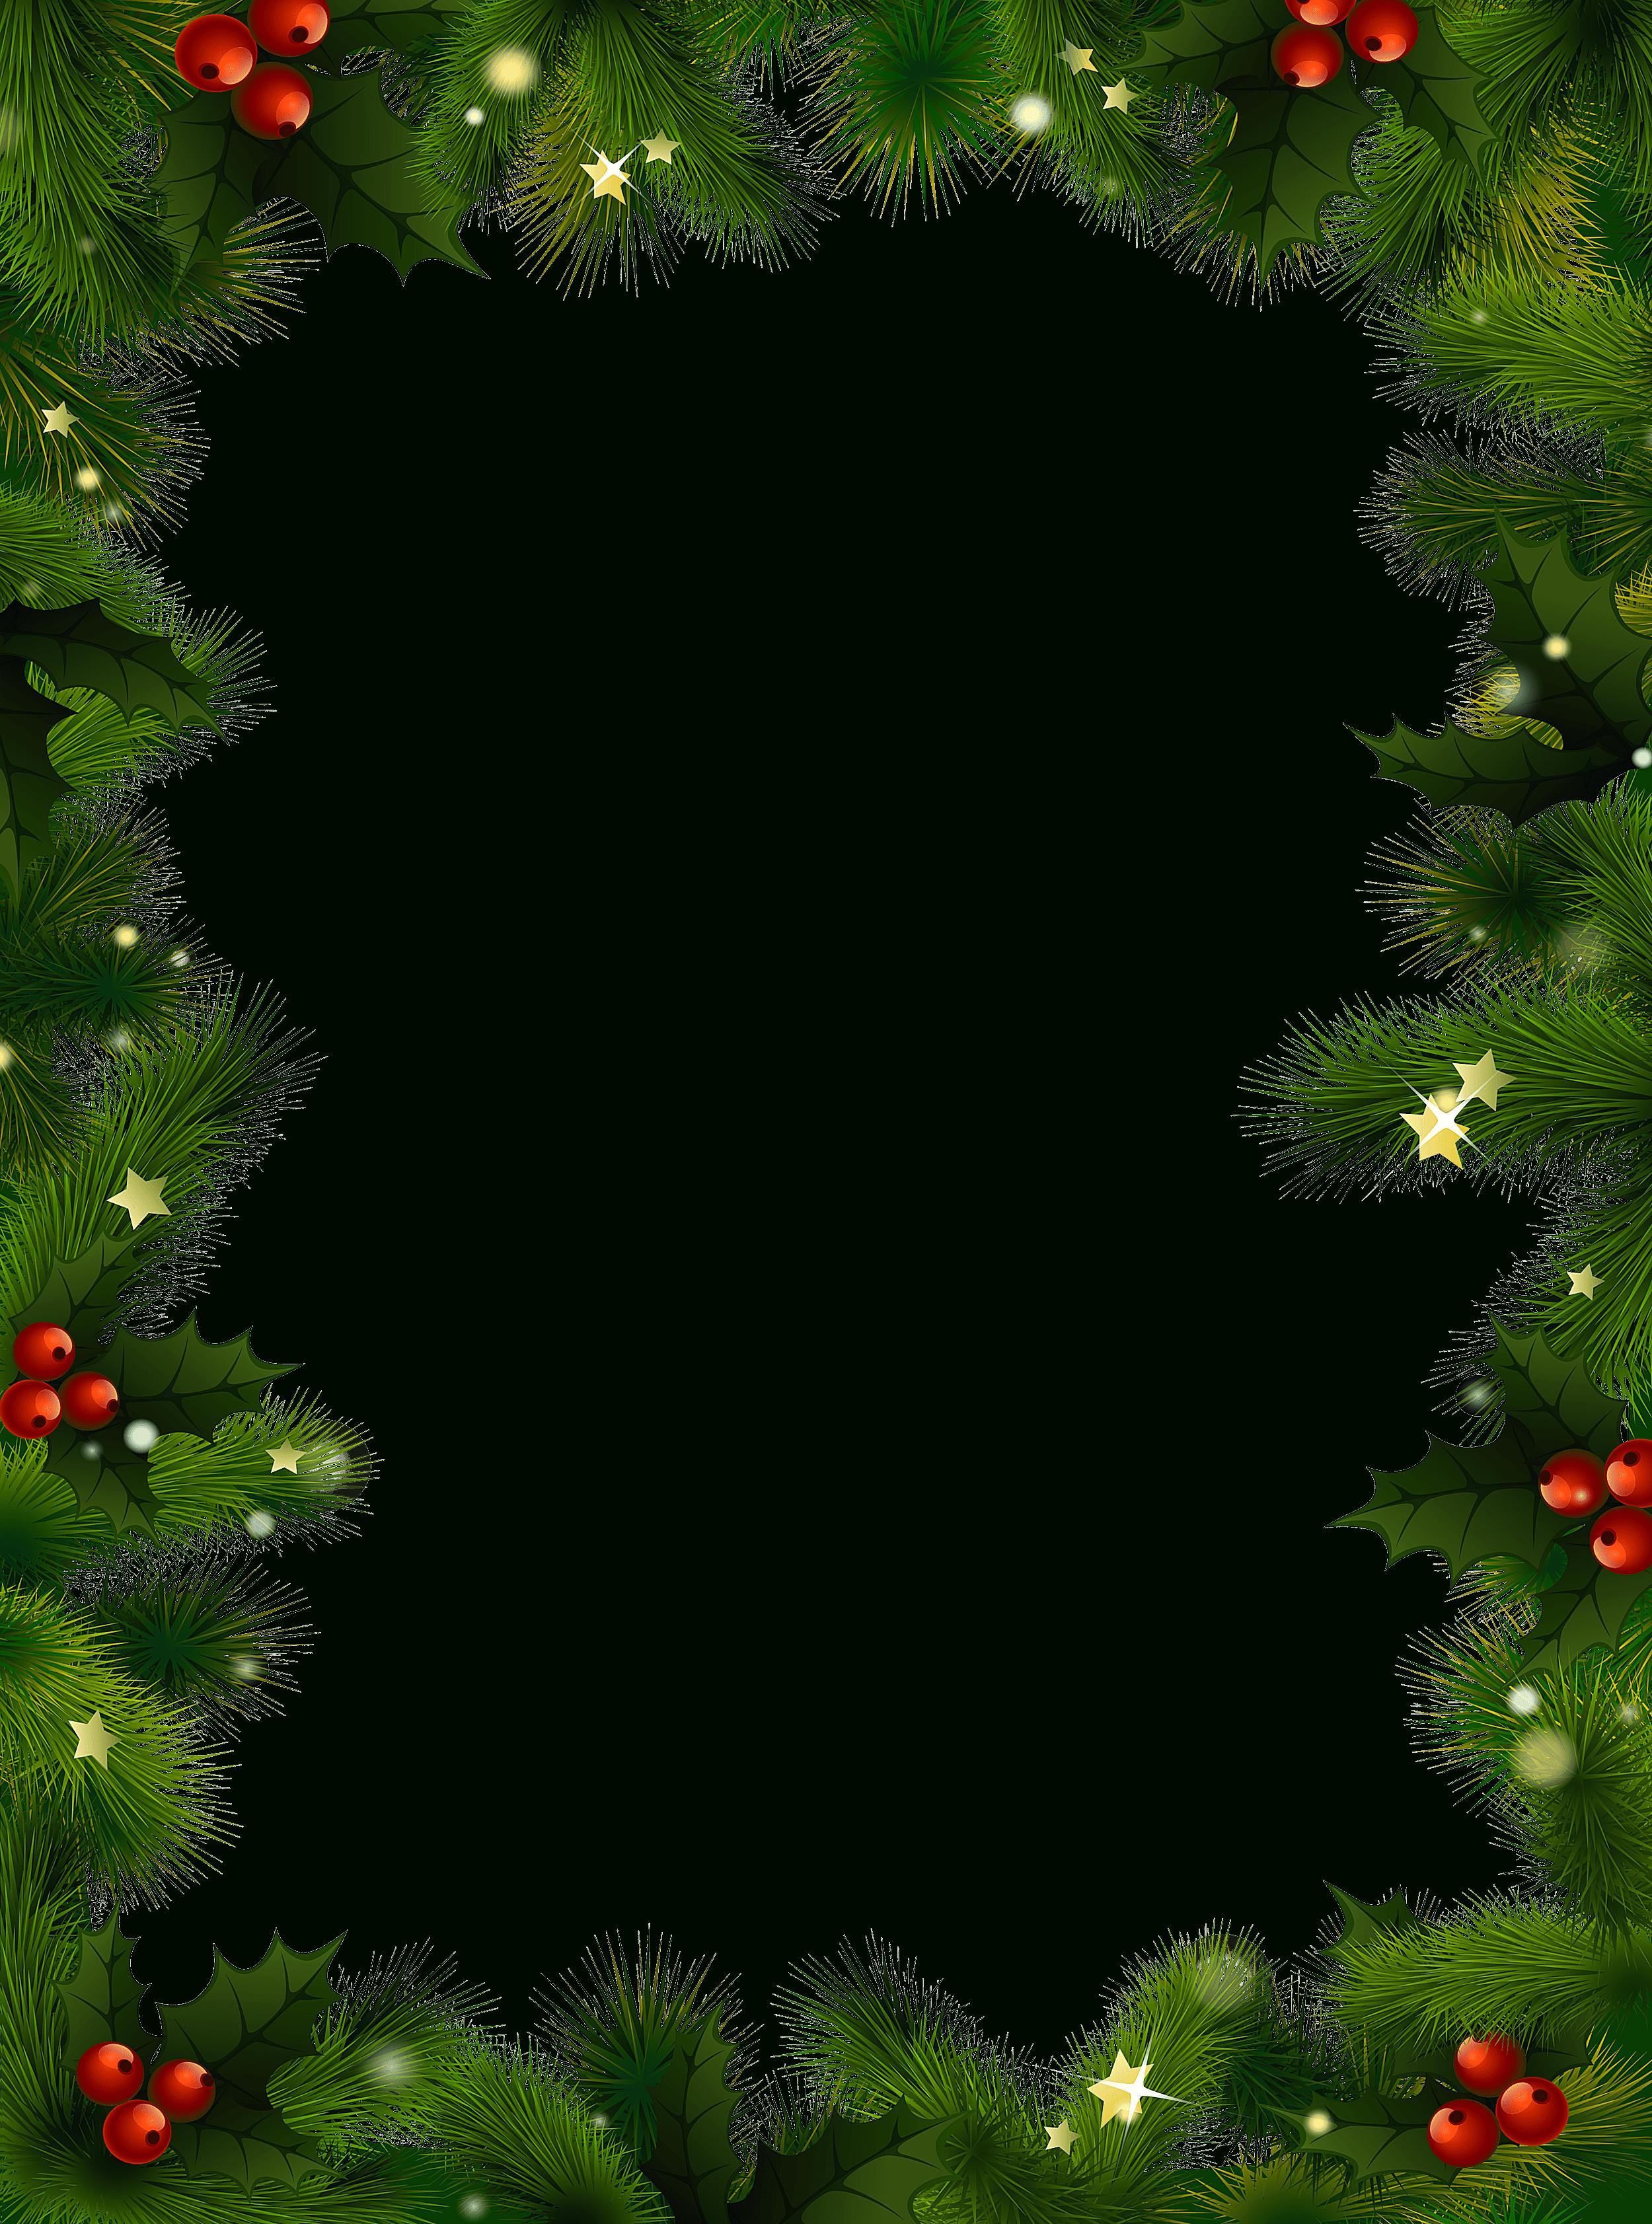 487 Free Christmas Borders And Frames regarding Christmas Frame Png ...